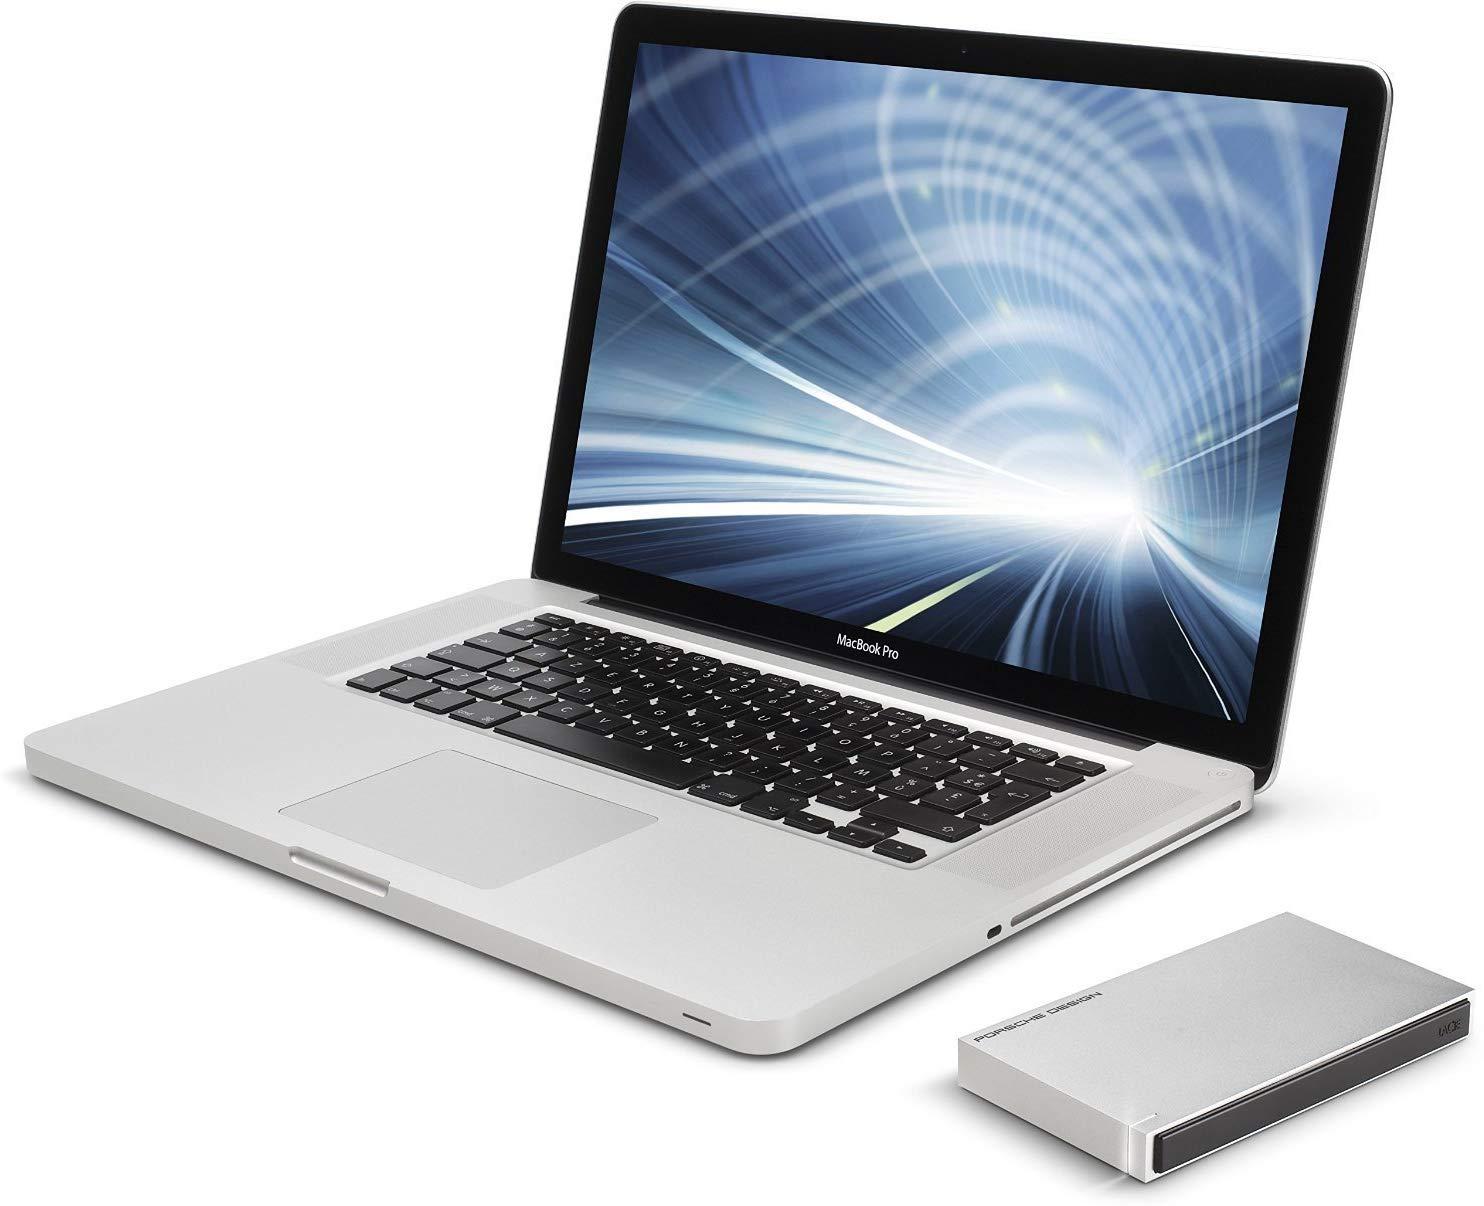 A Macbook and an external hard drive.